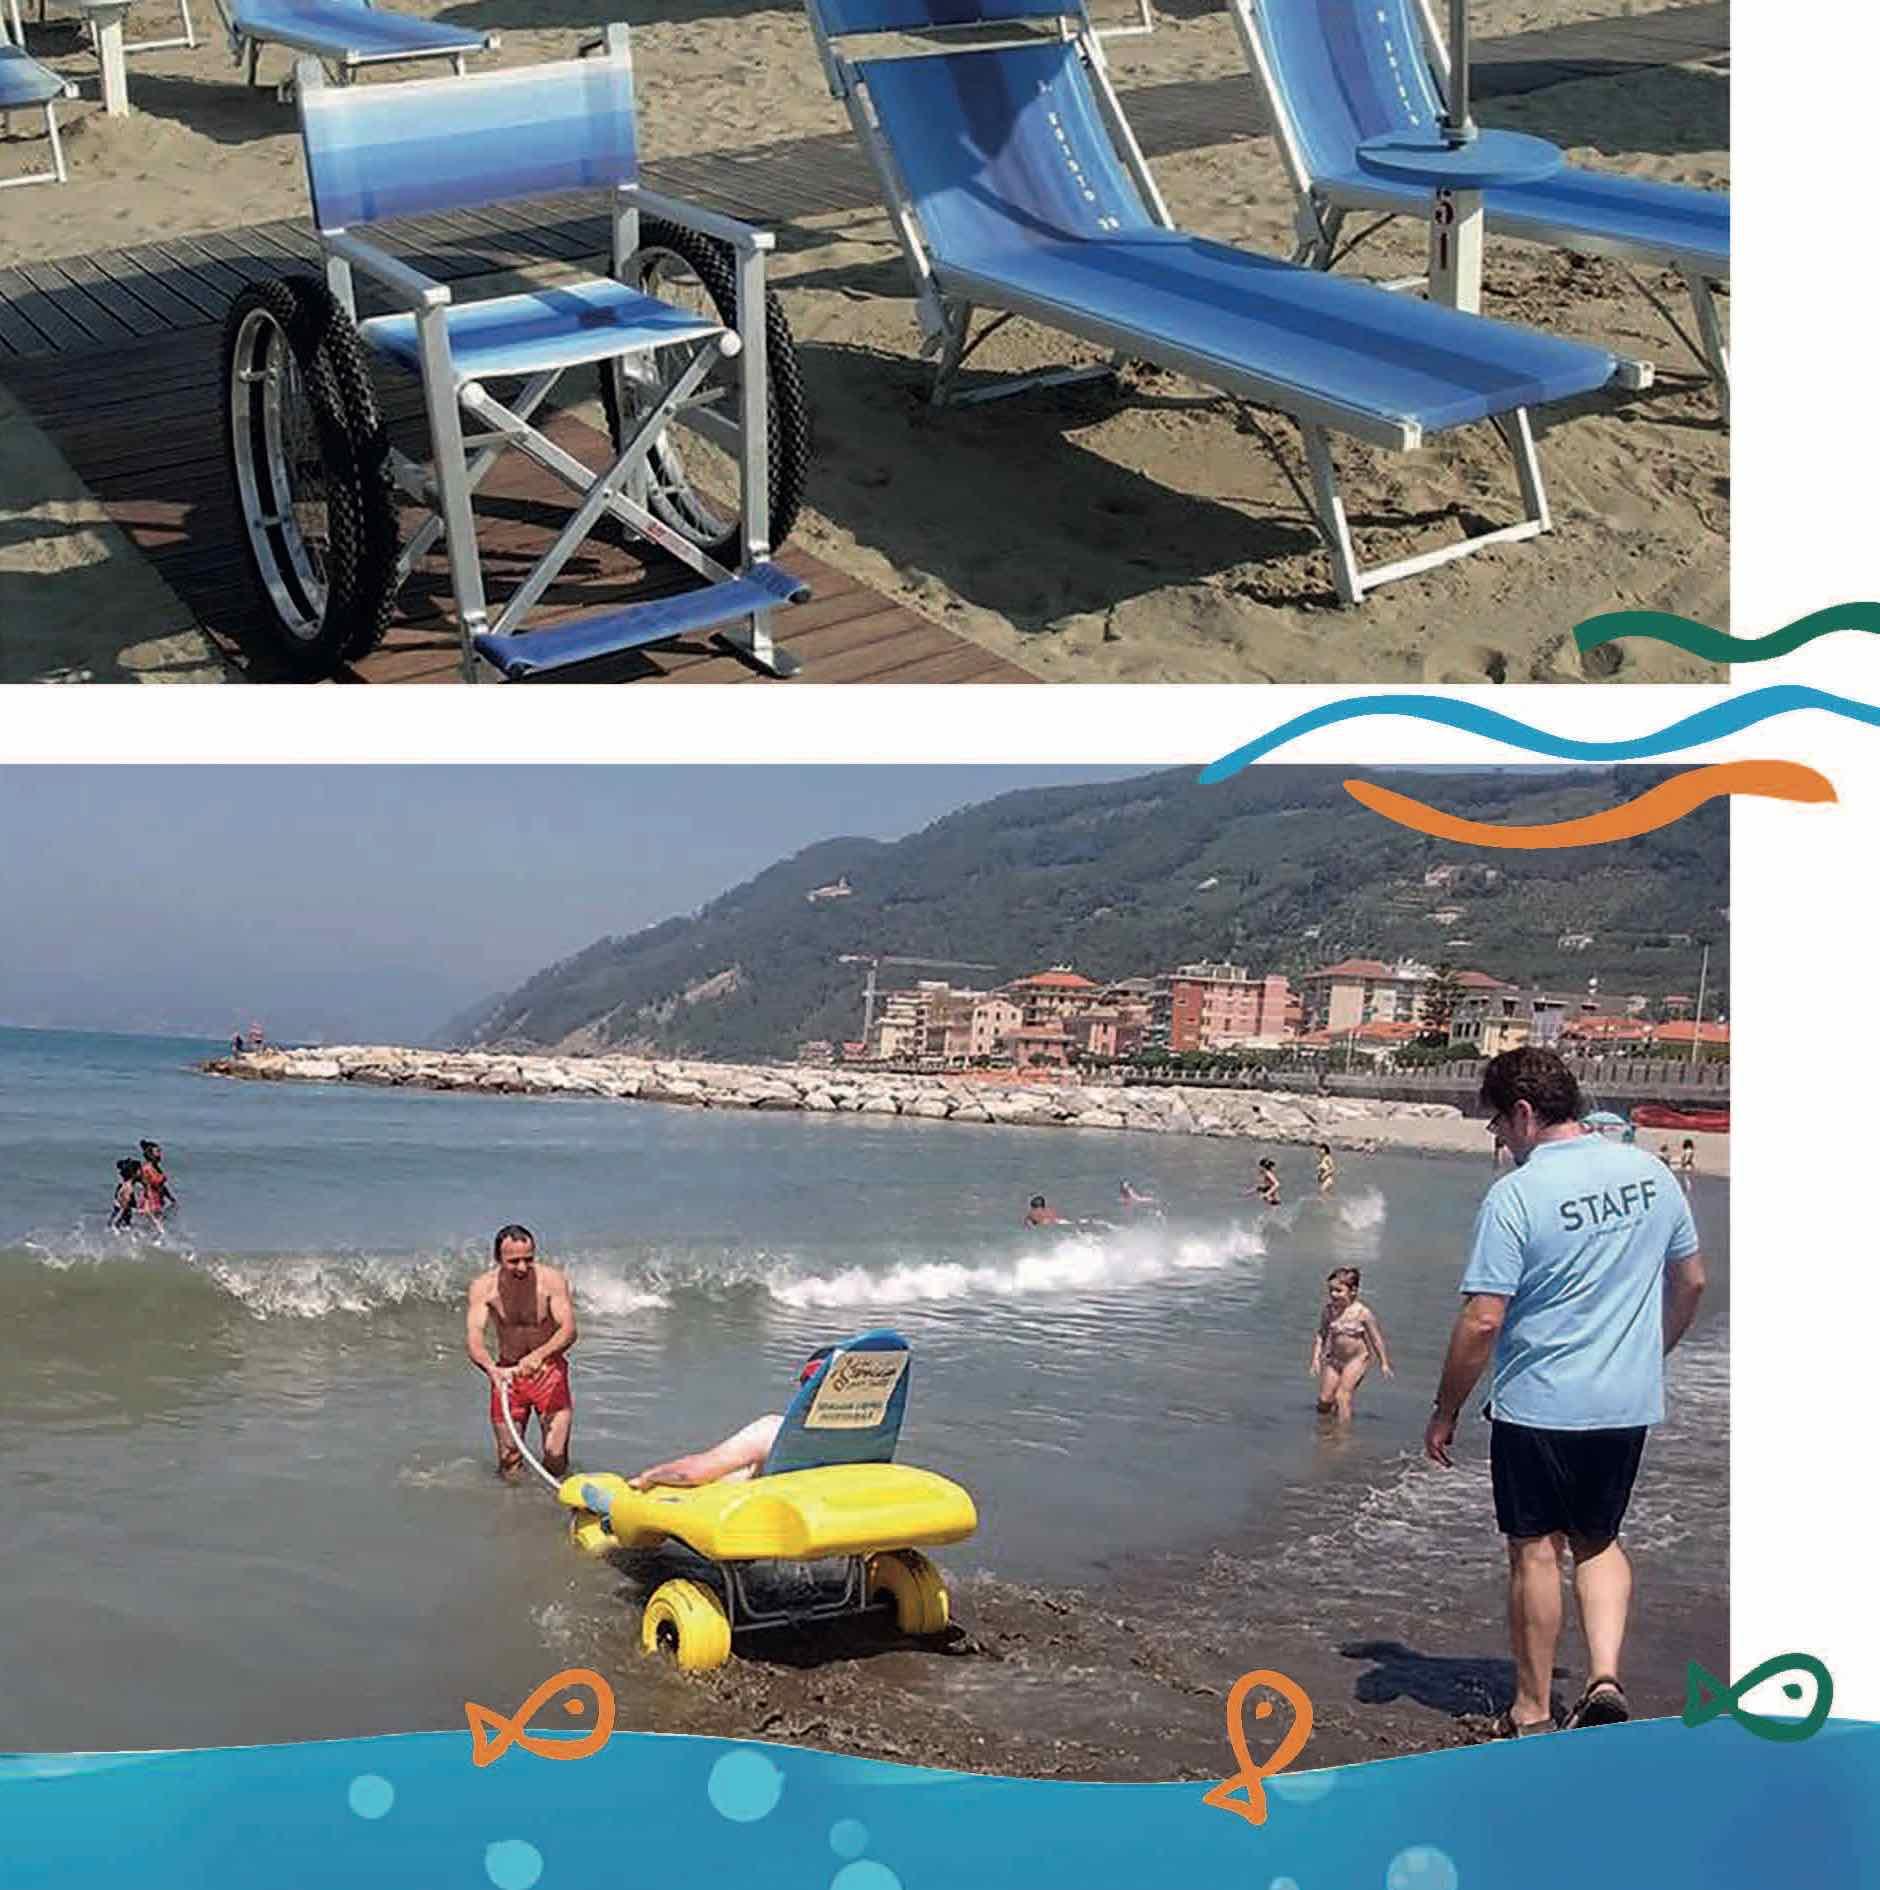 la-spiaggia-per-tutti-brochure-03